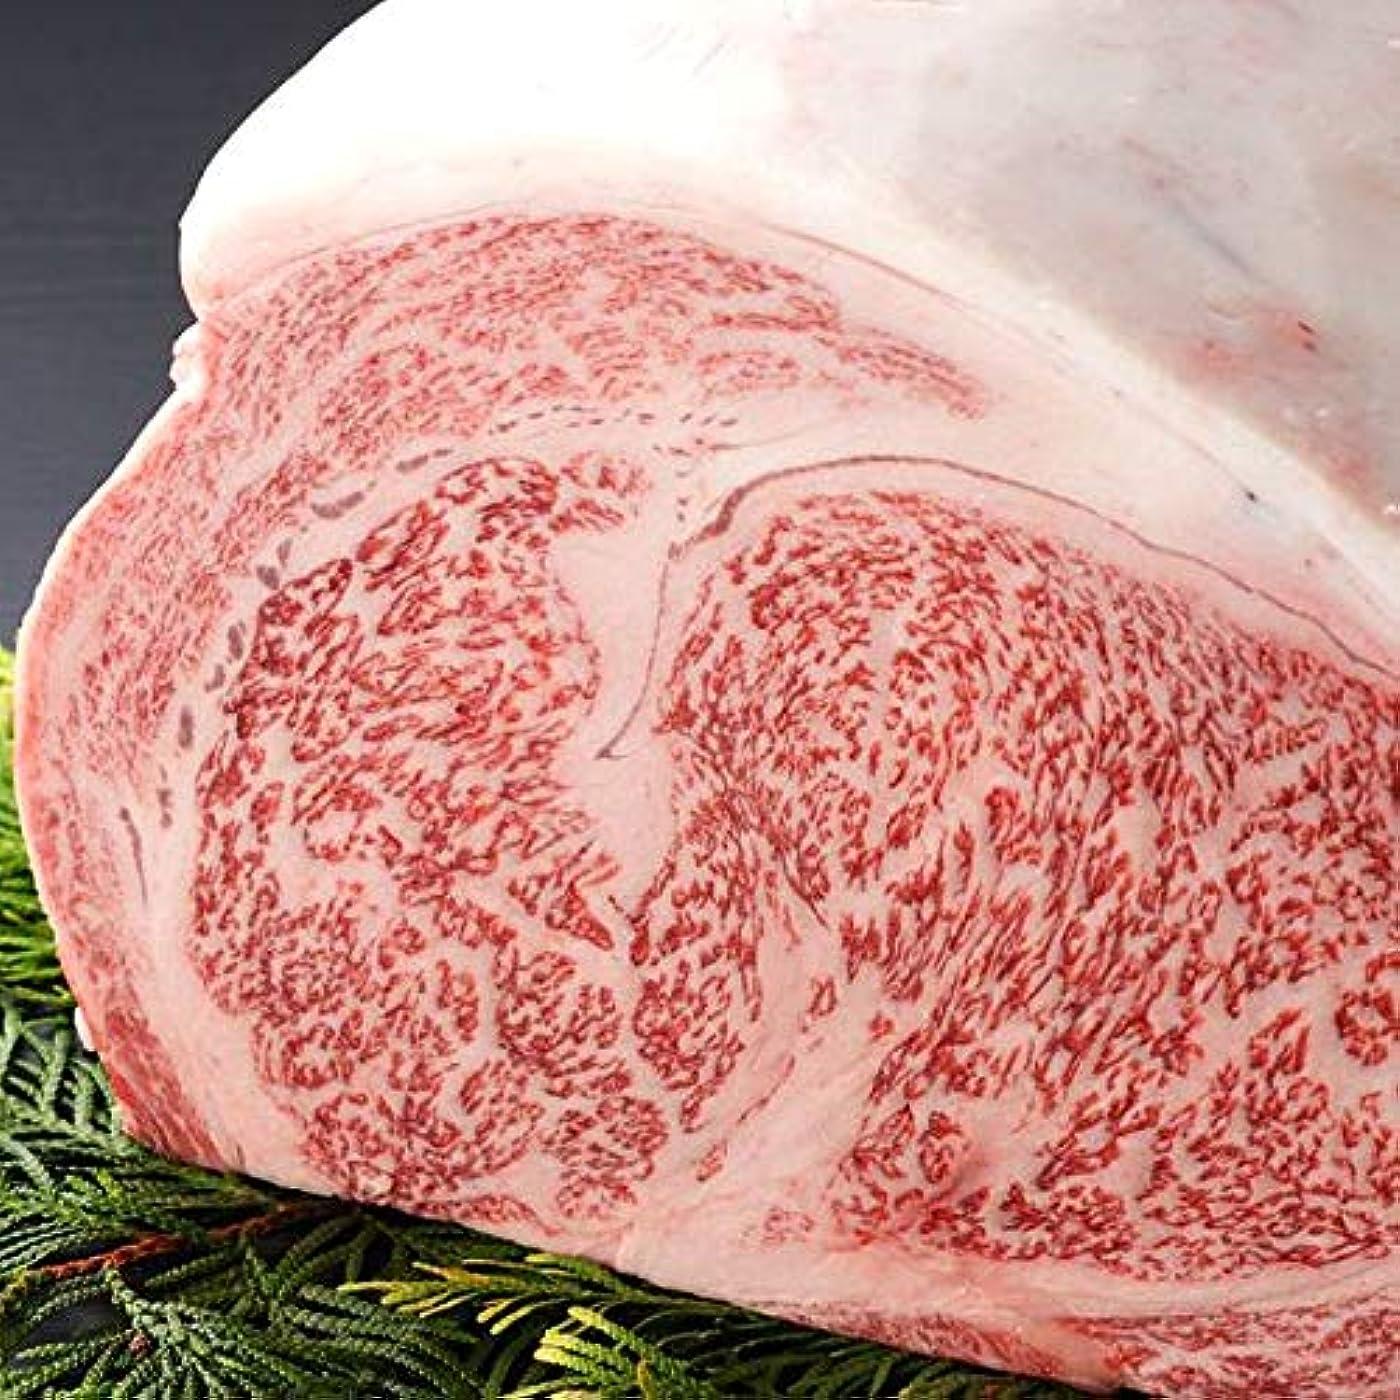 アプライアンスに慣れ怠感【米沢牛卸 肉の上杉】 米沢牛リブロース ステーキ 400g(200g x 2) ギフト用化粧箱仕様